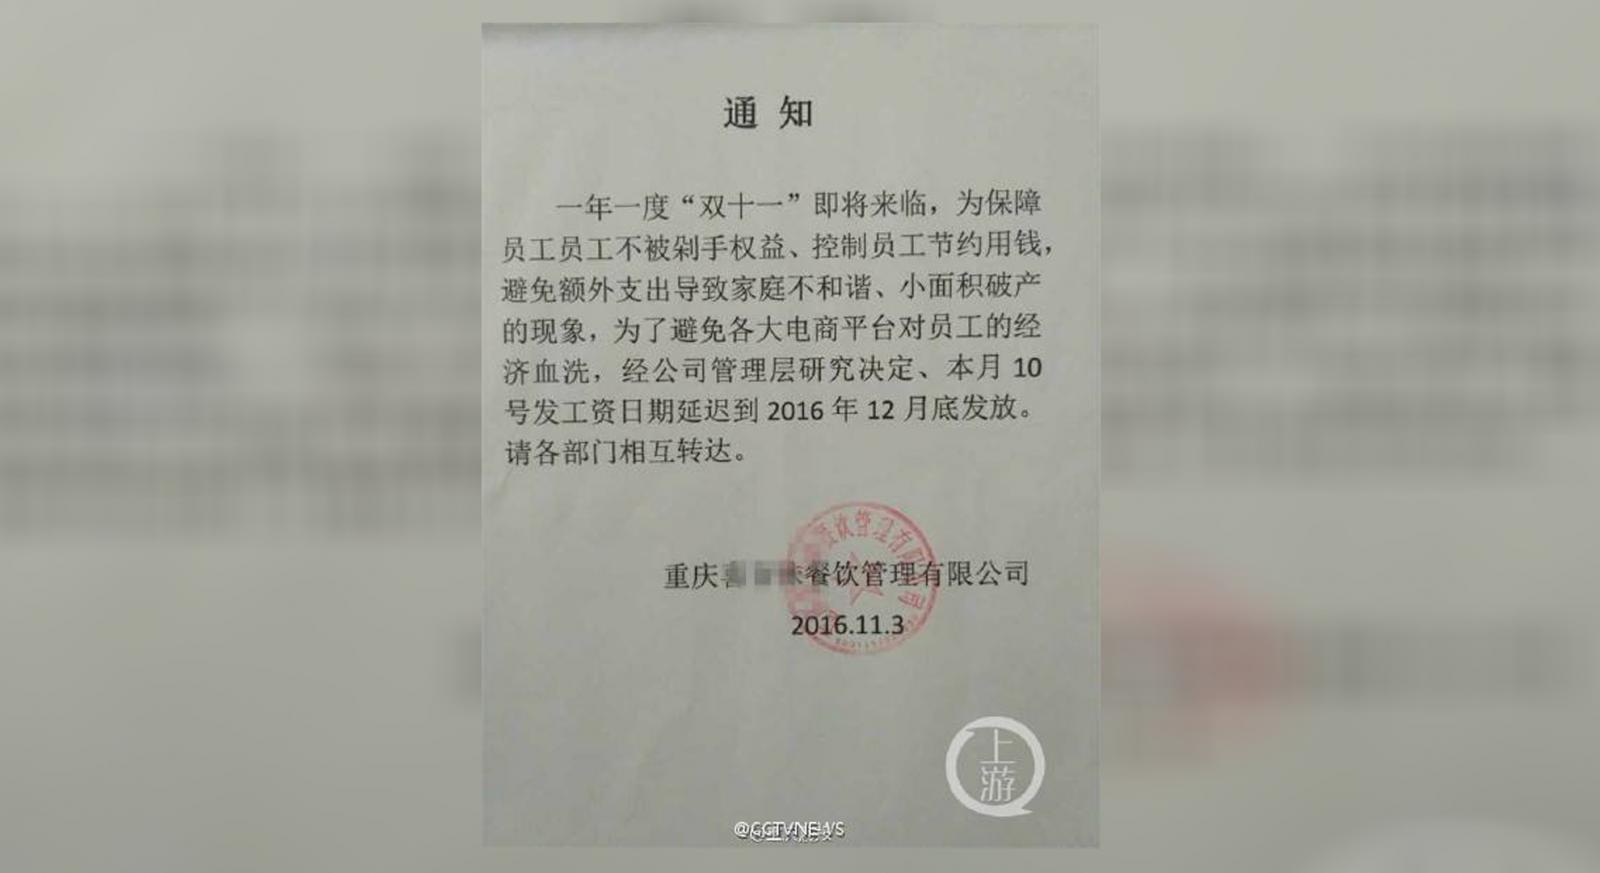 """เพราะ """"โสด"""" จึงเจ็บปวด บริษัทจีนเลื่อนจ่ายเงินเดือนเหตุกลัวใช้หมดในวันคนโสด"""